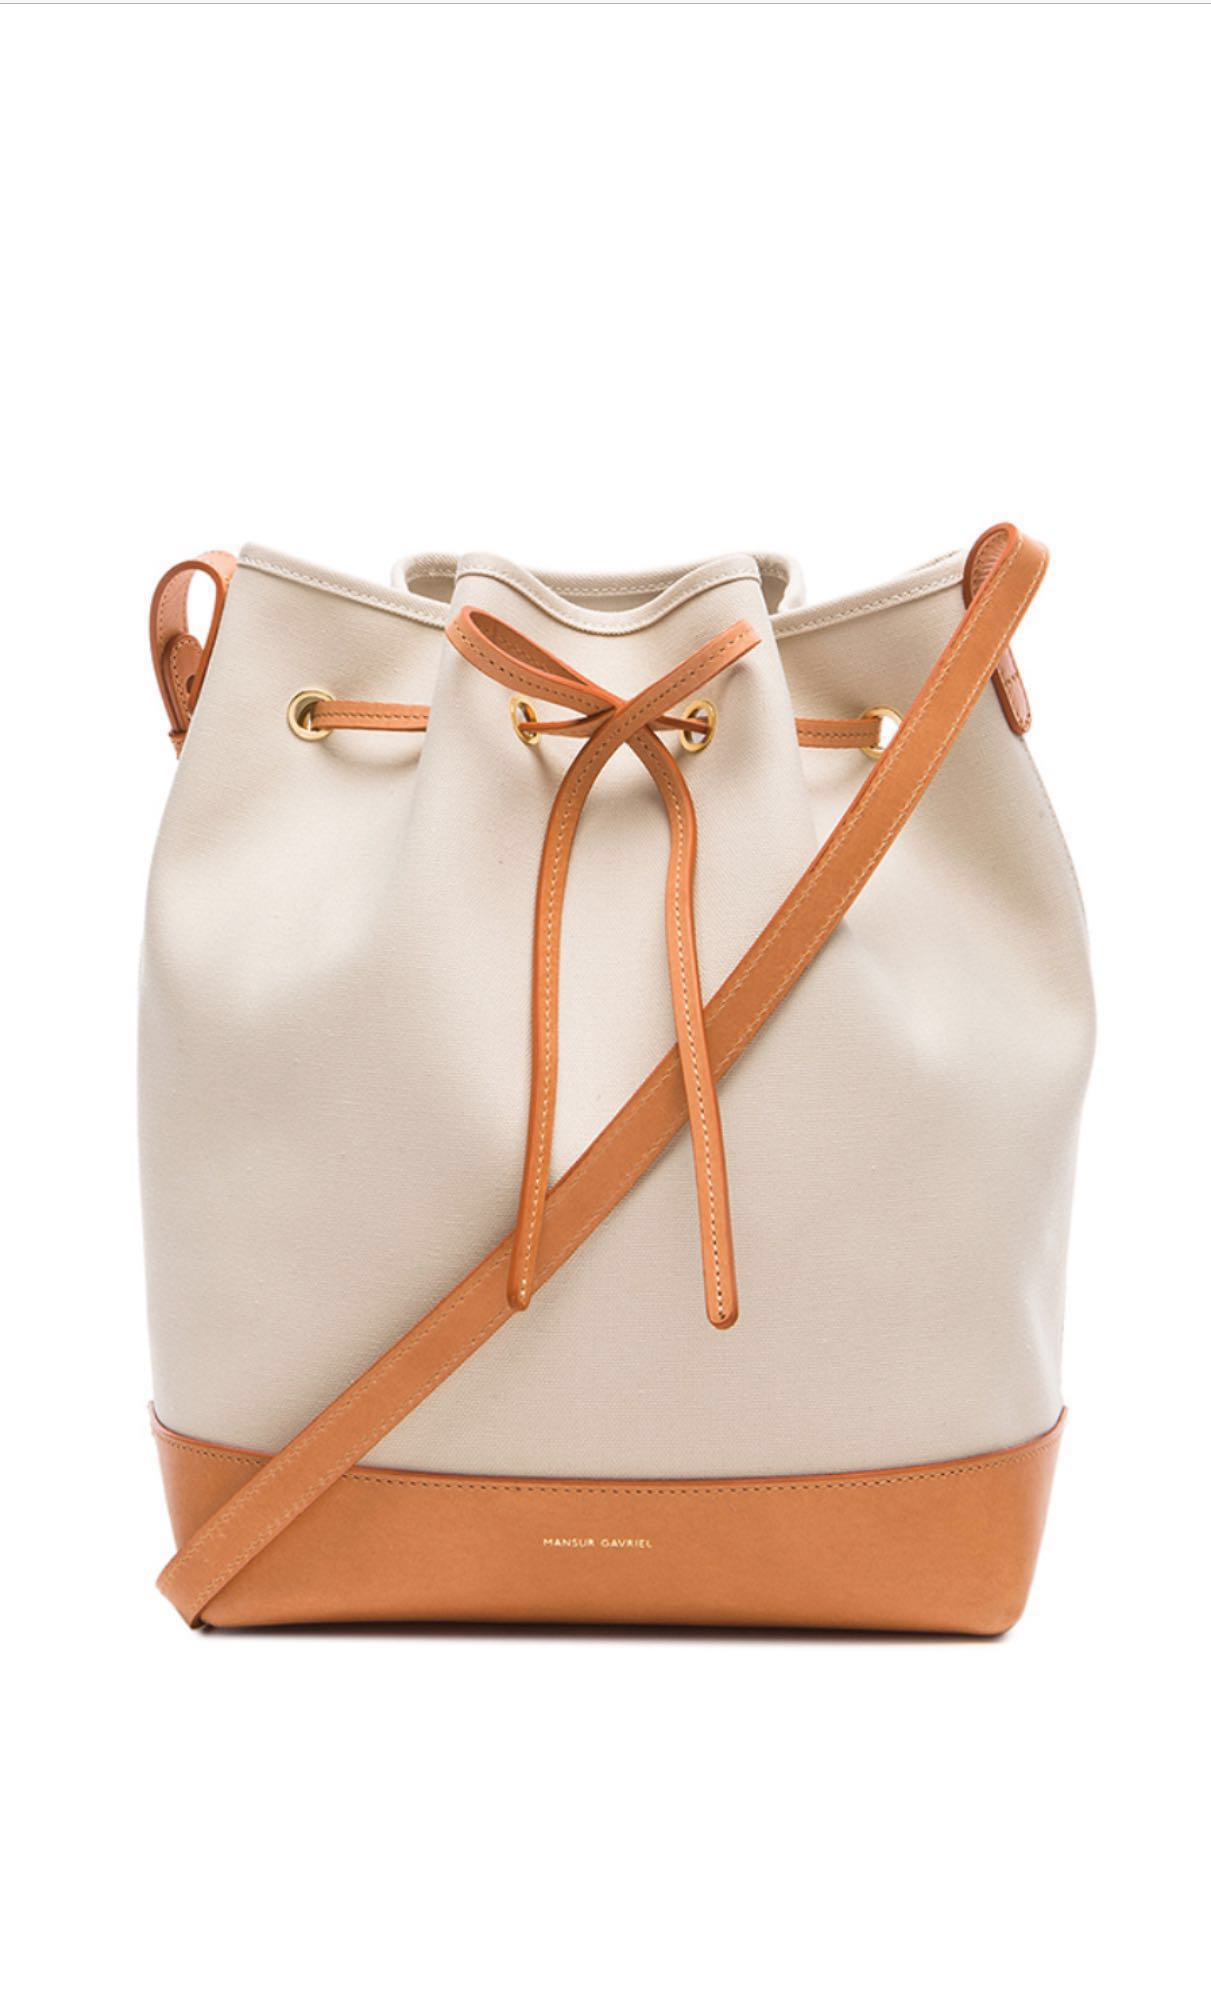 6d8f4d266279 CLEARANCE Mansur Gavriel Large Leather + Canvas Bucket Bag